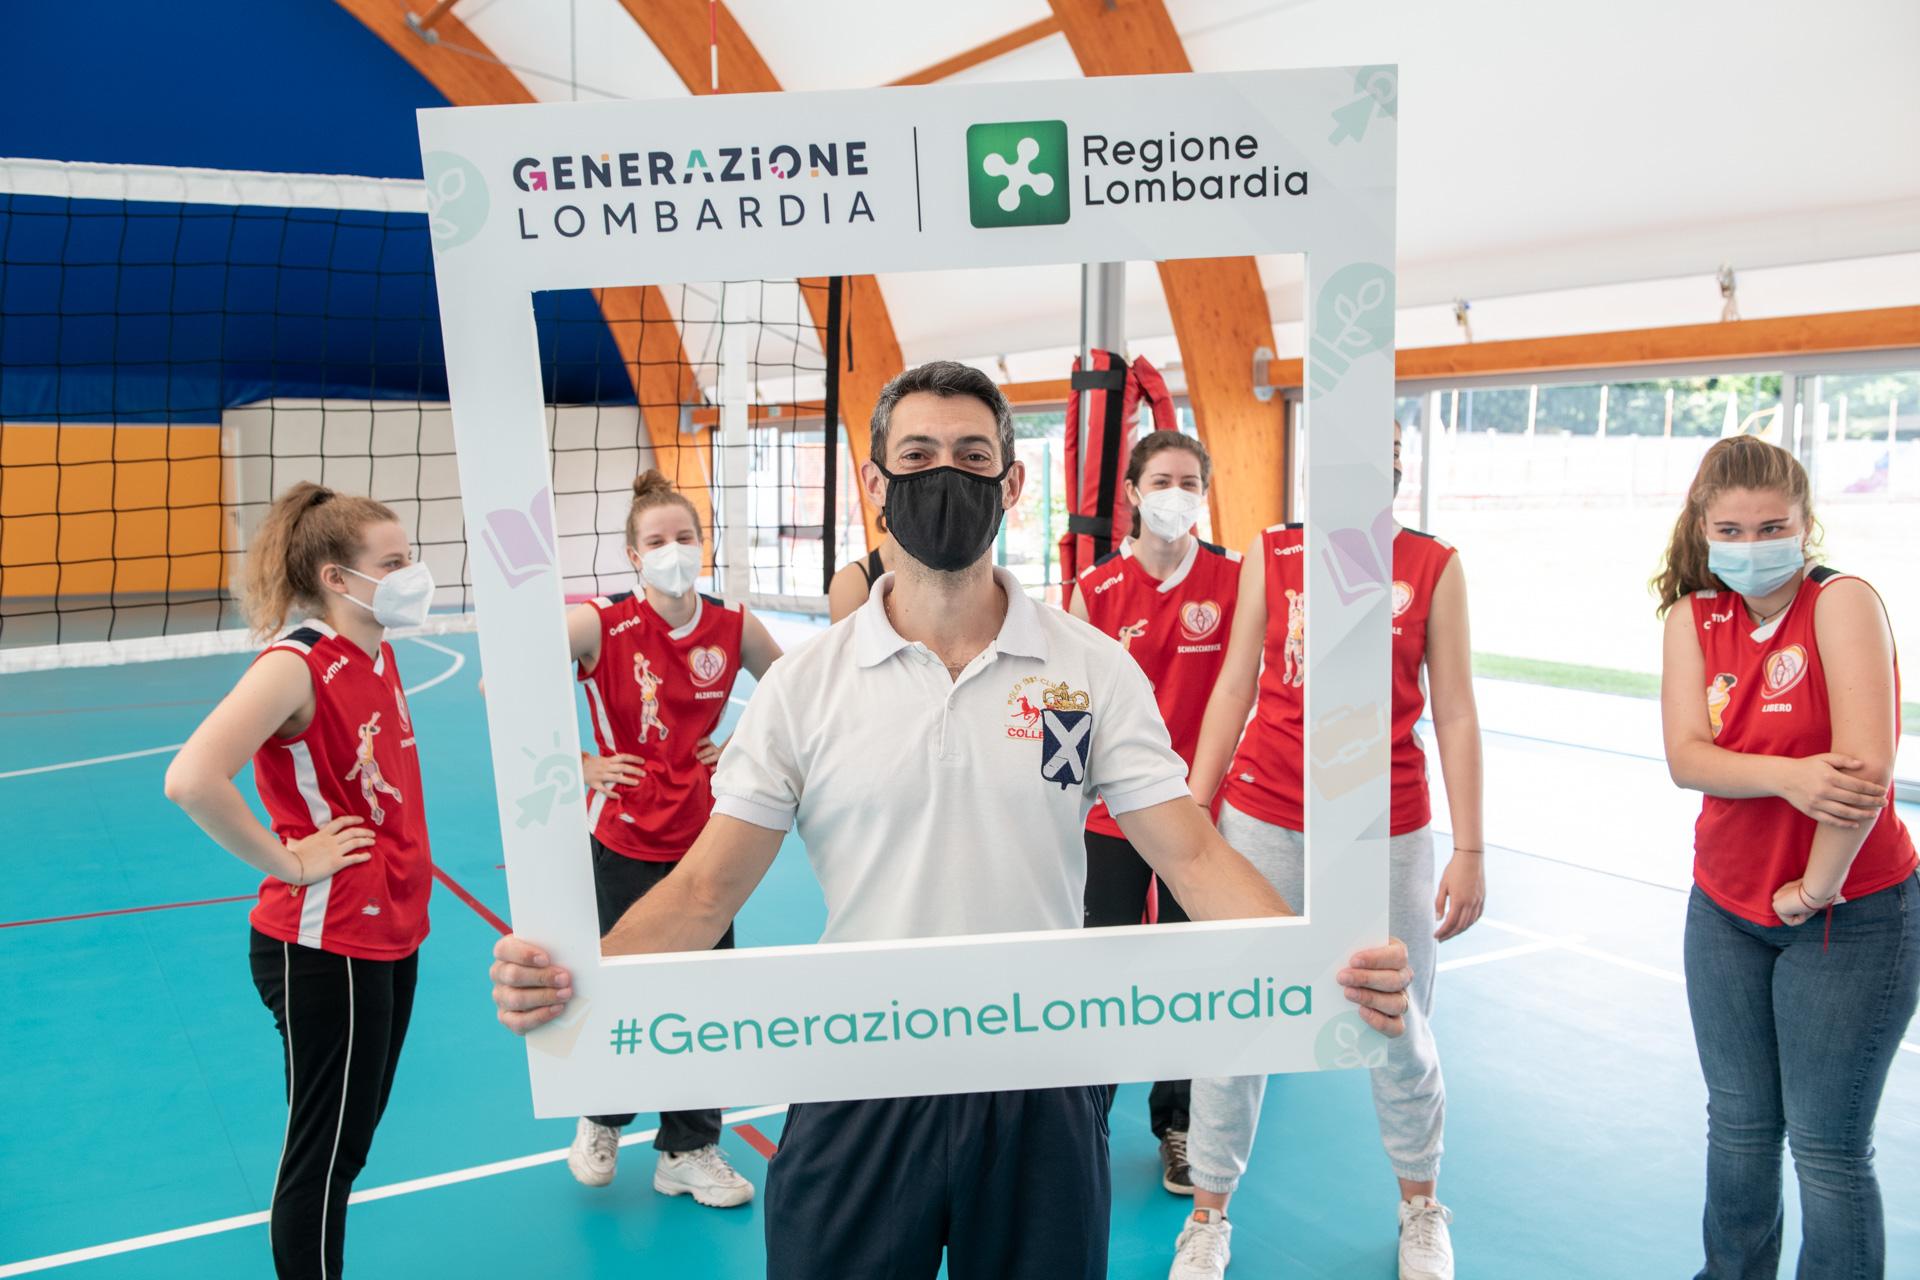 Generazione Lombardia Regione giovani